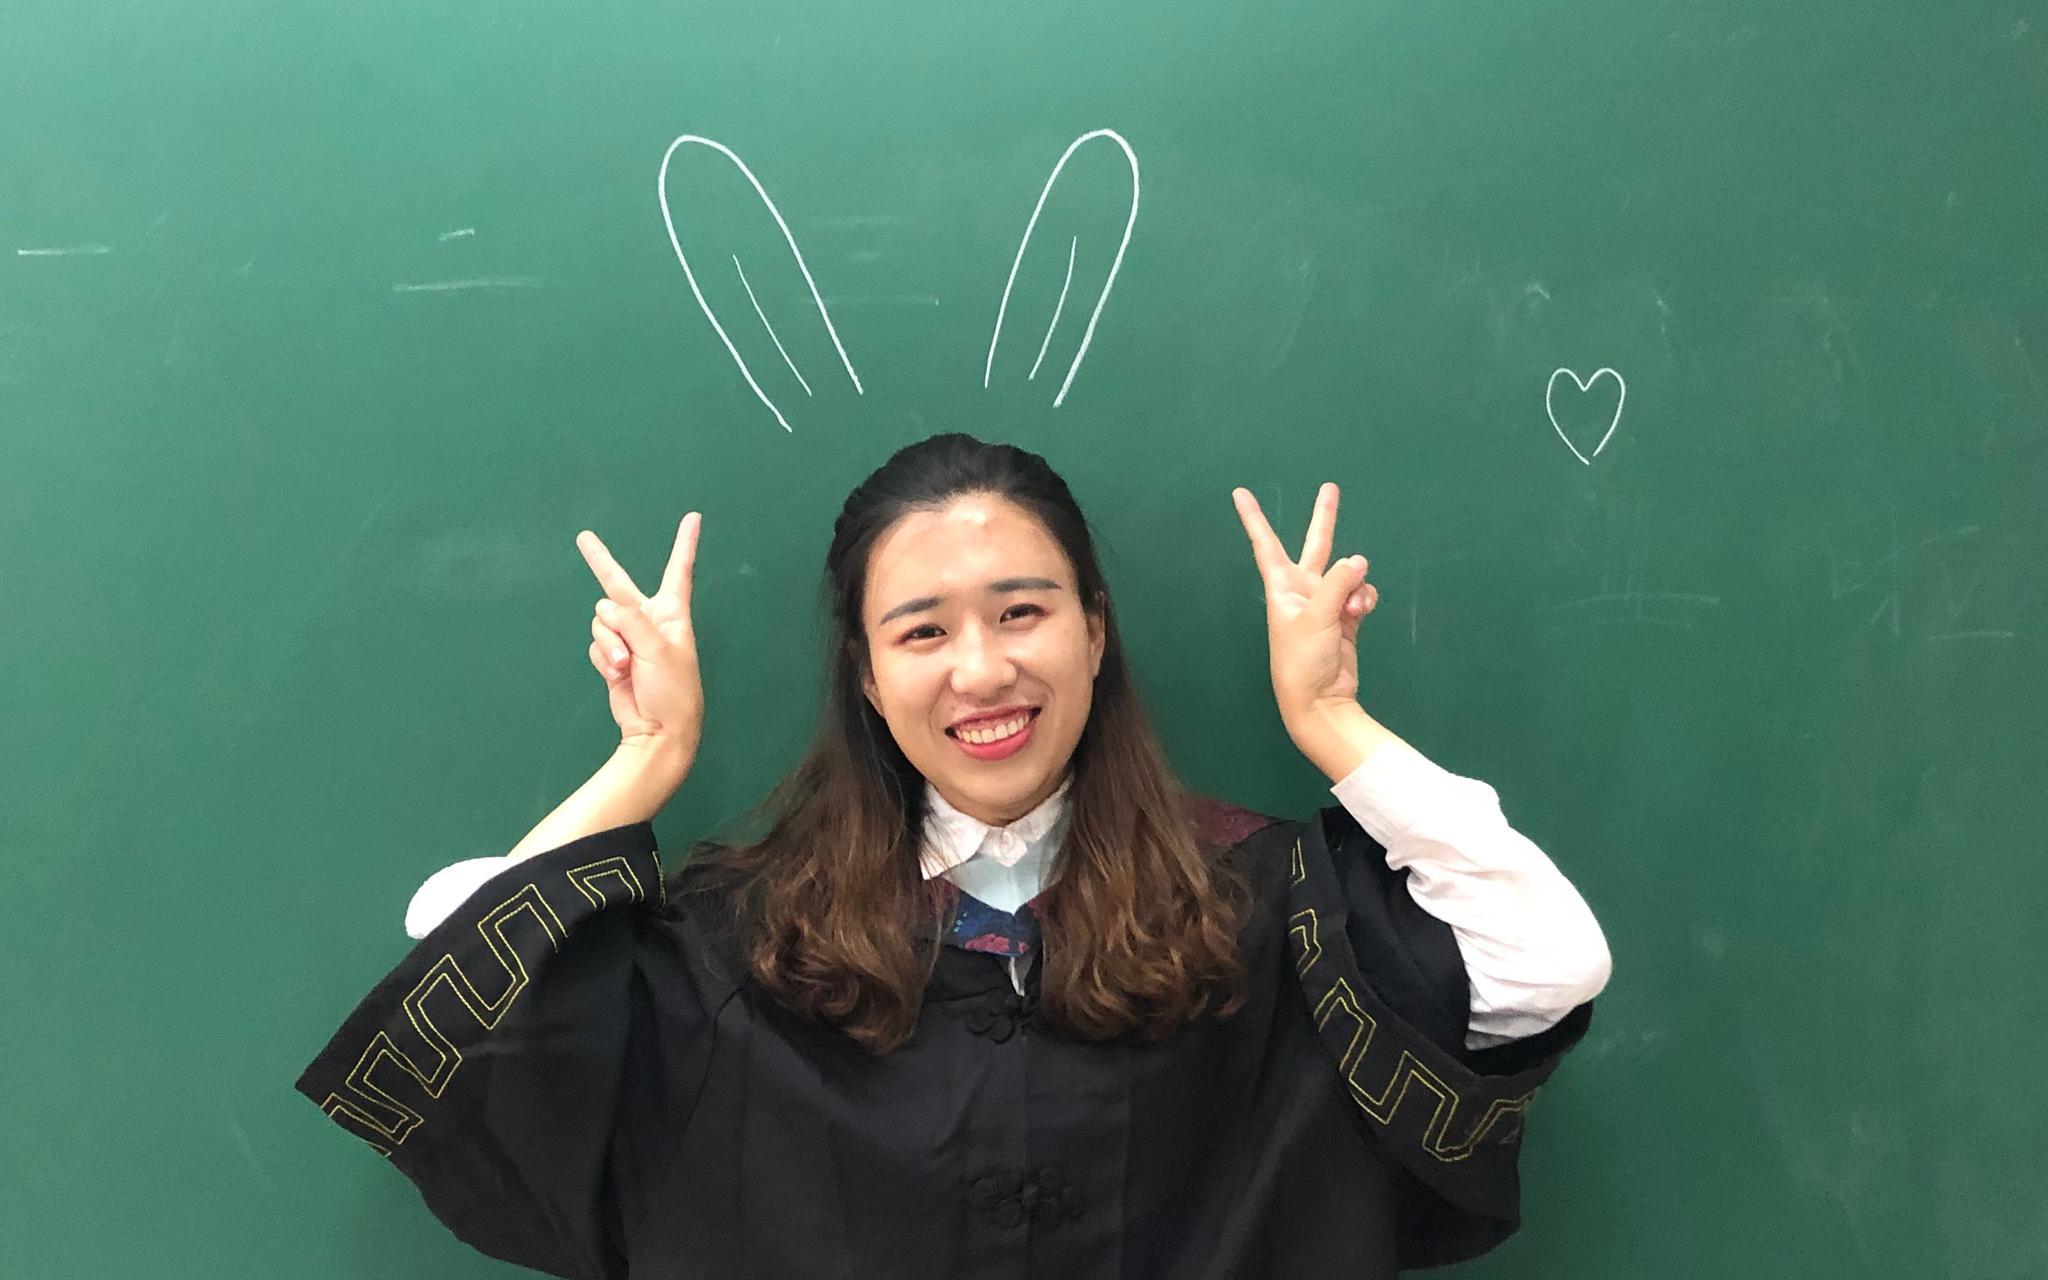 大凉山彝族女教师沙马五作:成都有那么多优秀的老师,不缺我一个